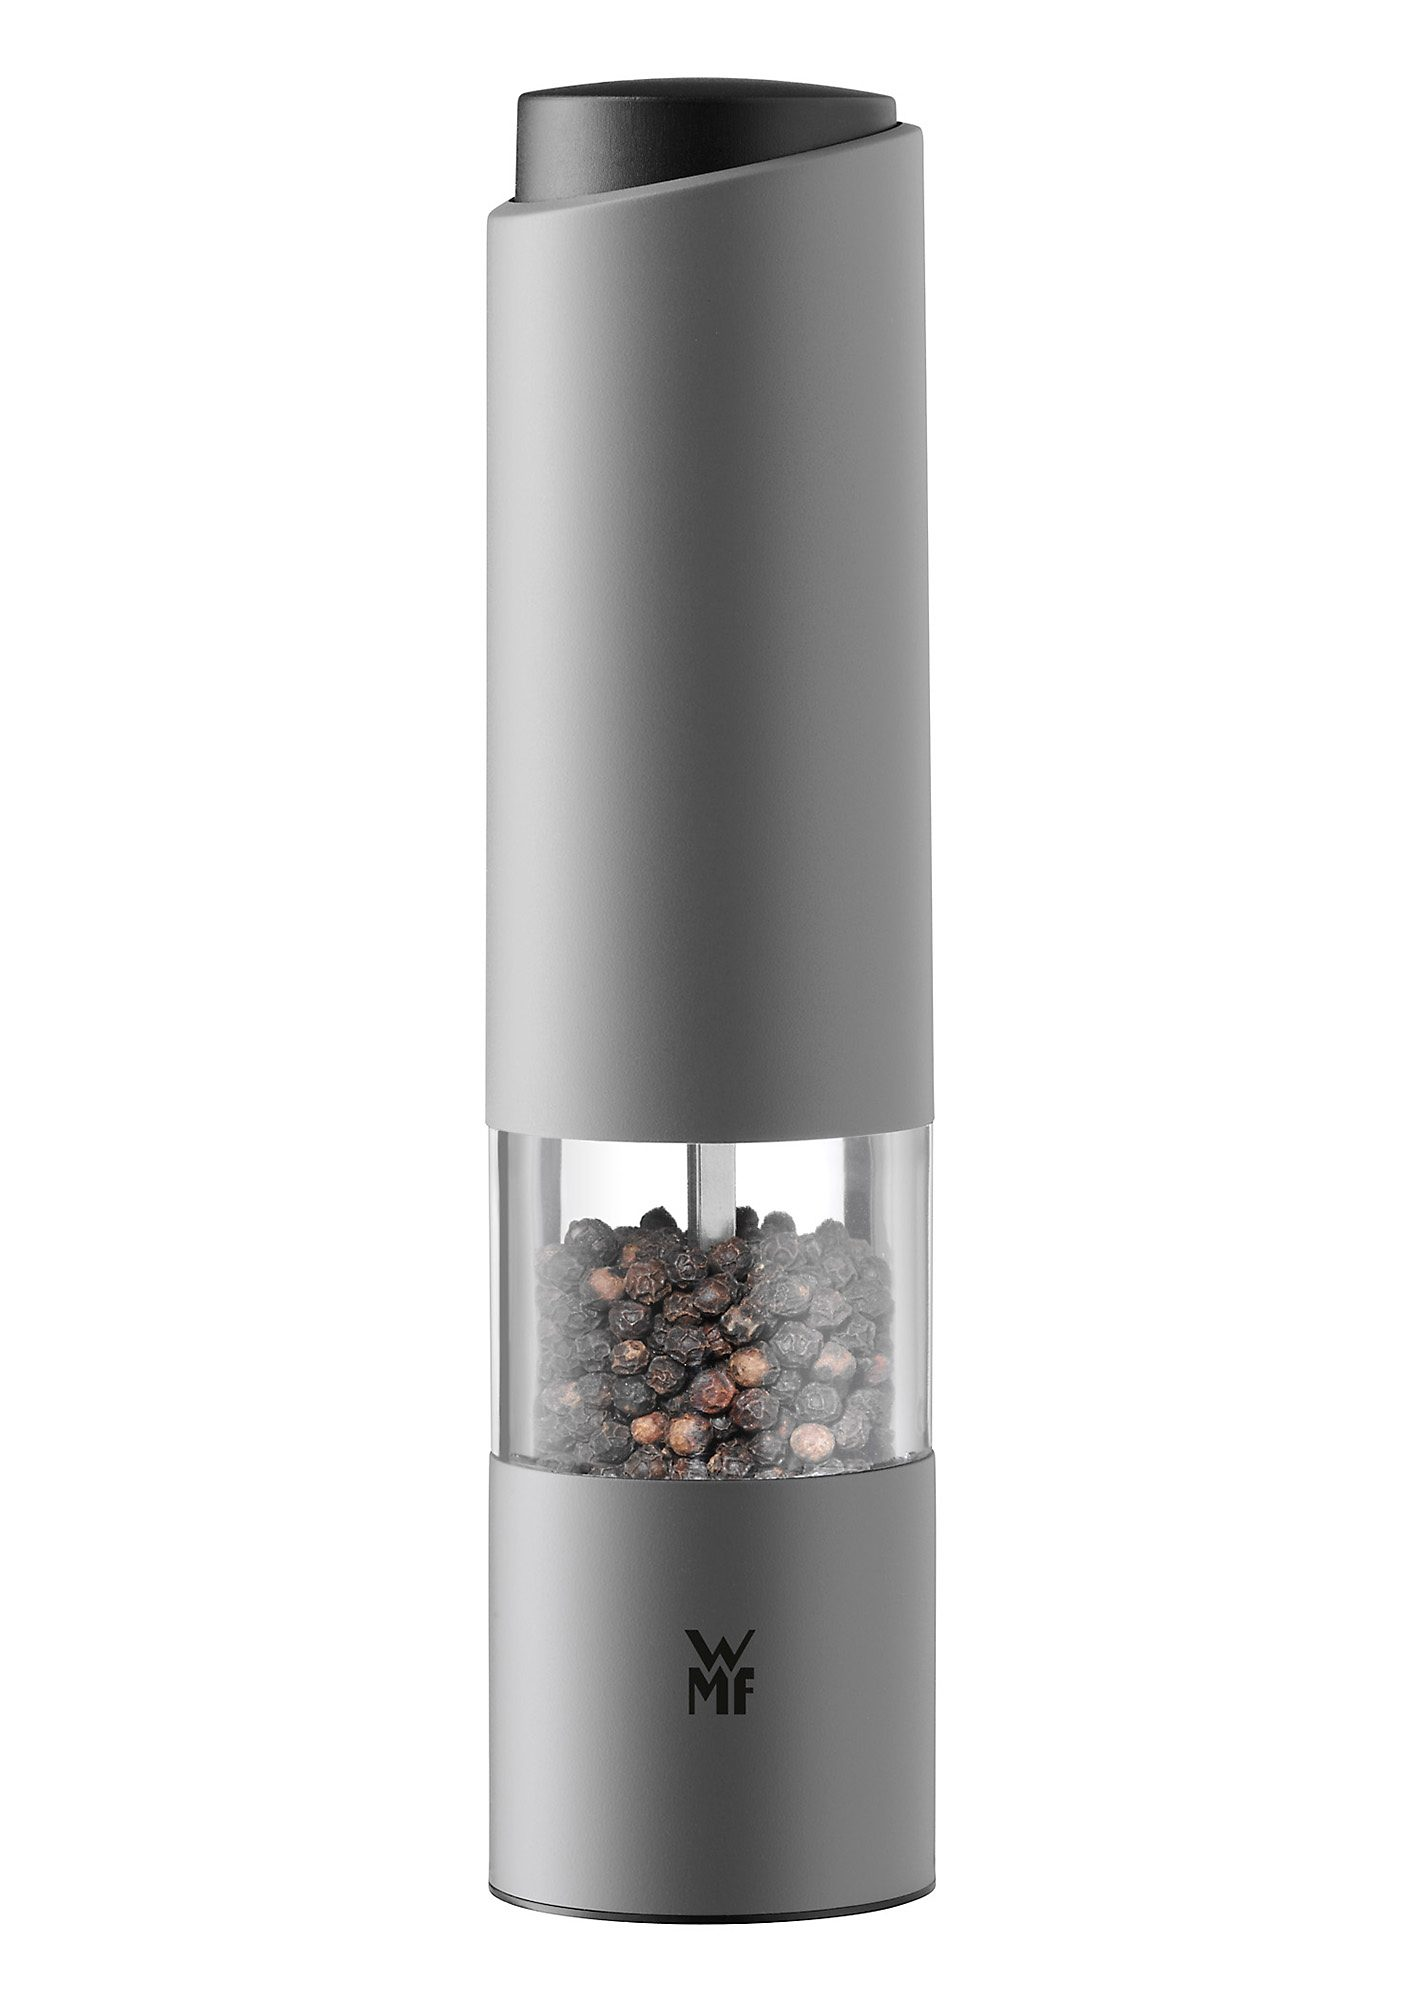 Elektrische Salz-/Pfeffermühle, WMF